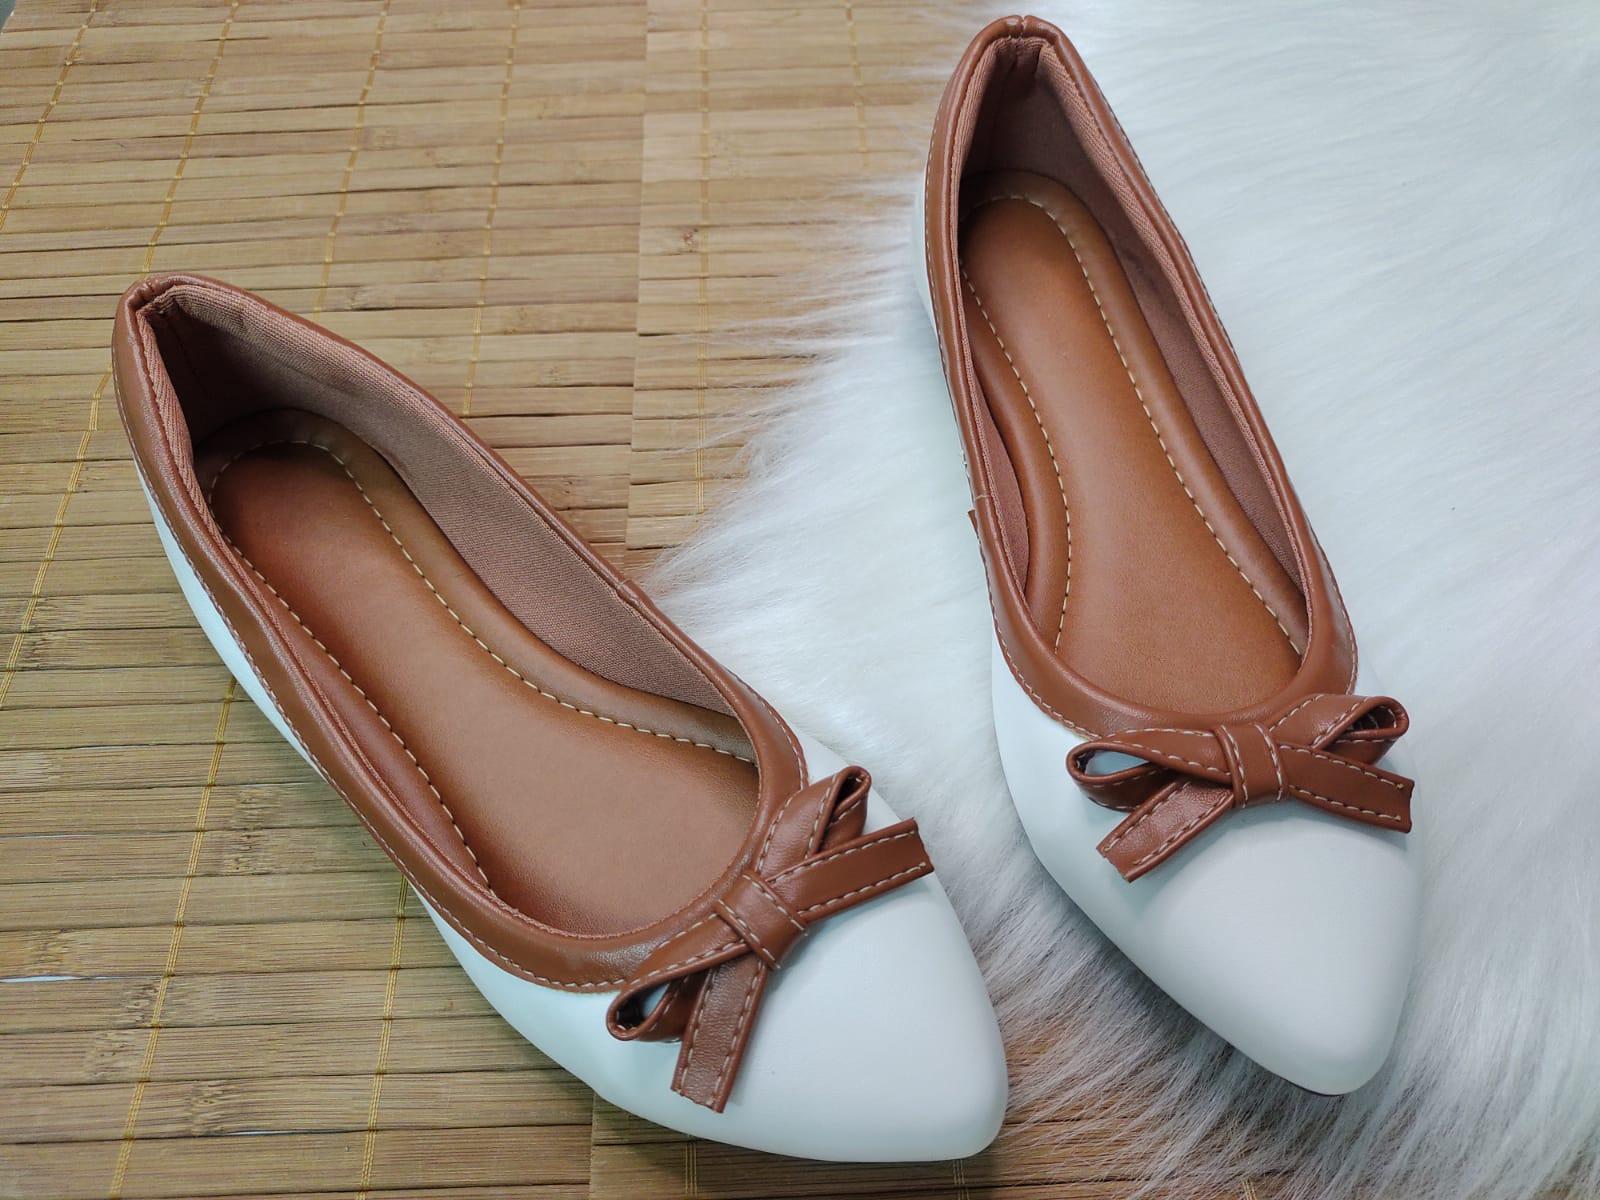 Sapatilha Palmilha Confort - Na cor Branco Com Borda e Laço Caramelo.